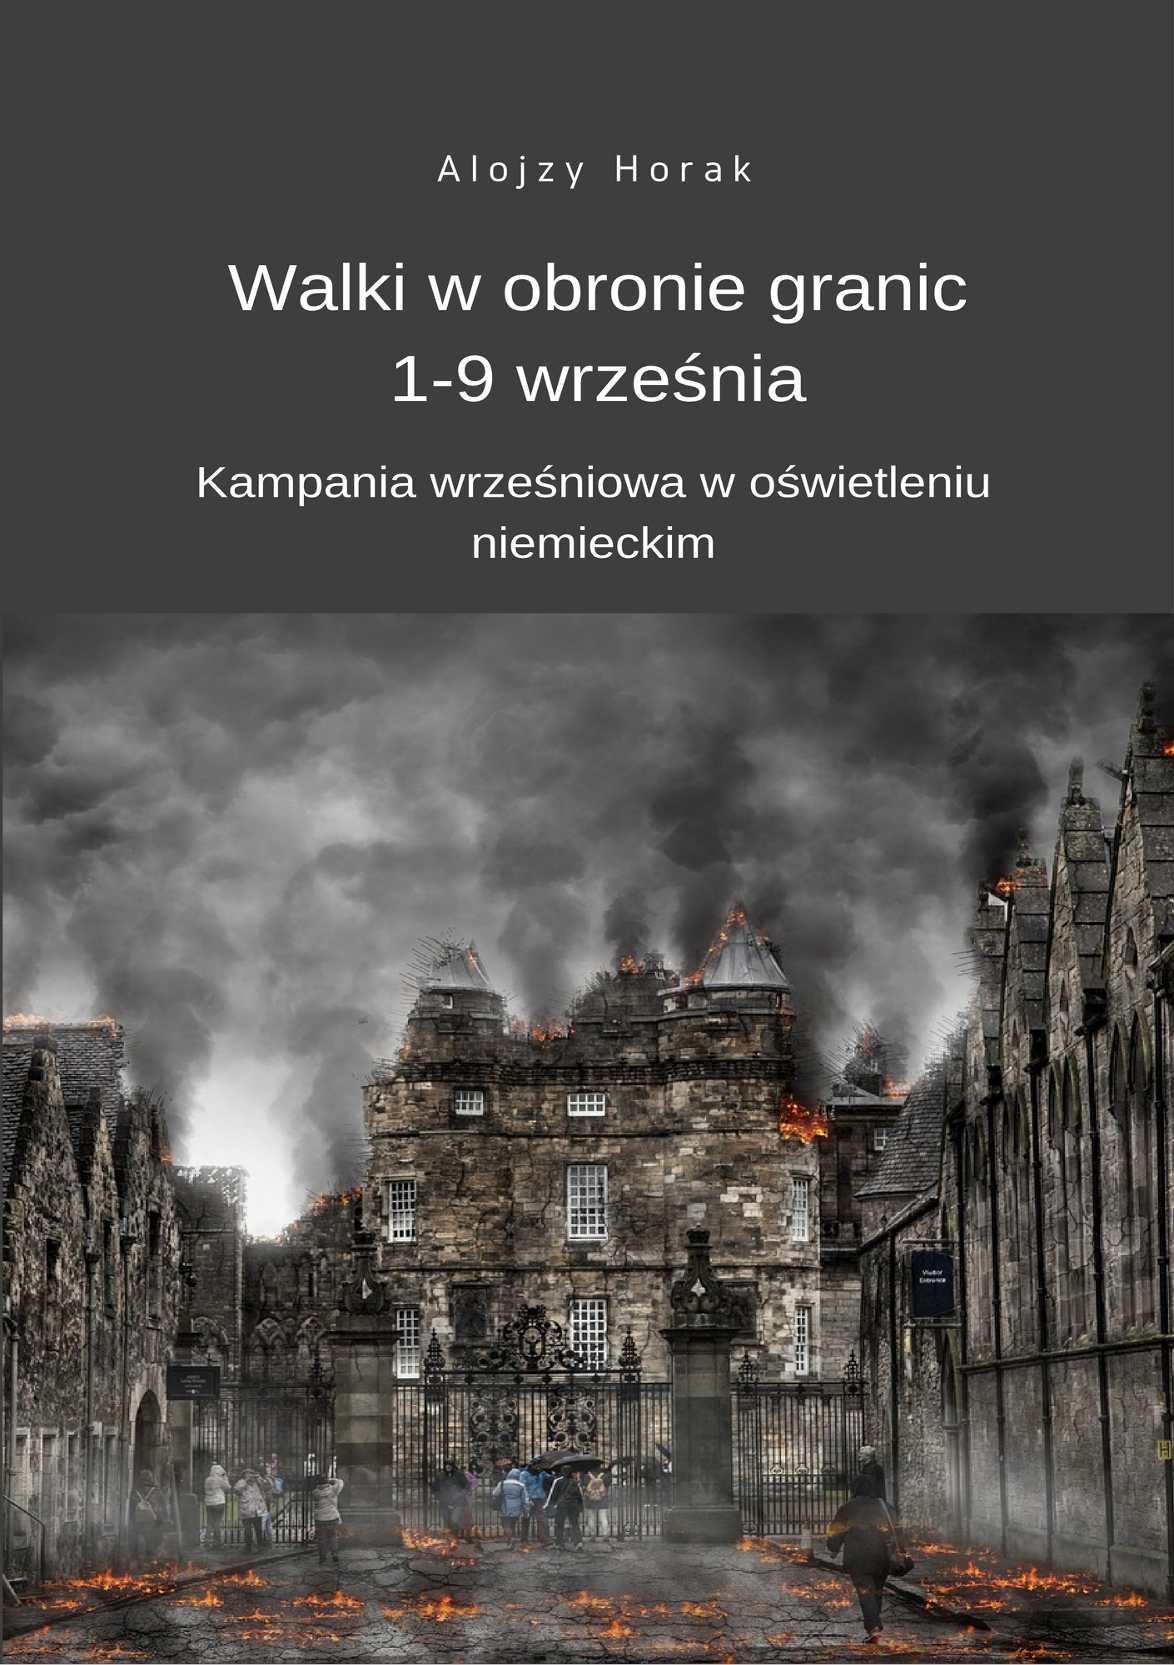 Walki w obronie granic 1-9 września. Kampania wrześniowa w oświetleniu niemieckim - Ebook (Książka EPUB) do pobrania w formacie EPUB